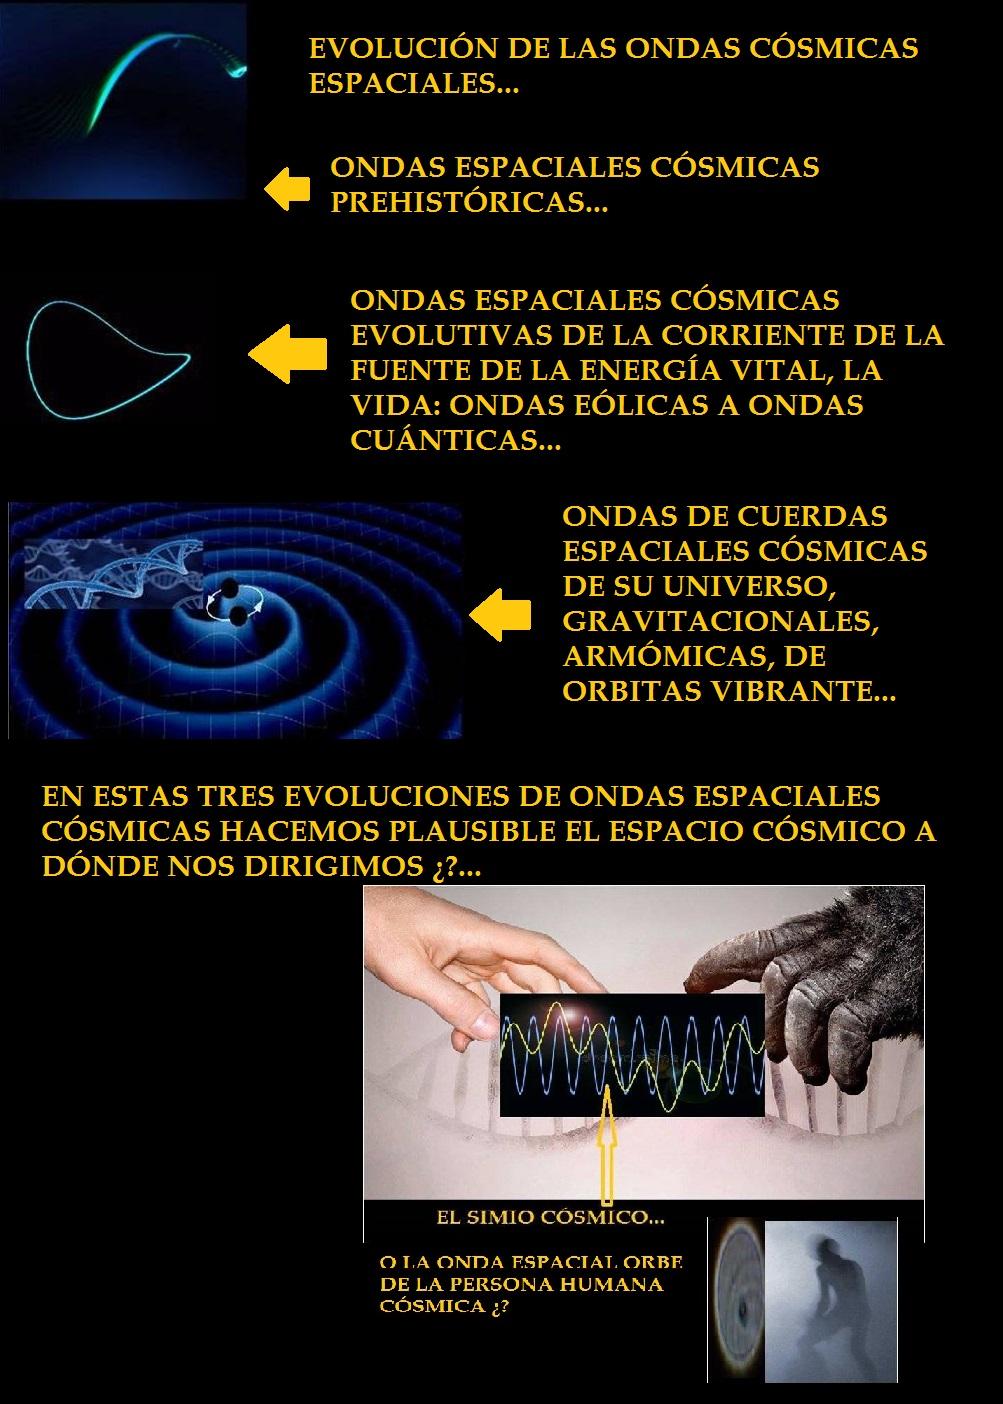 EVOLUCIONAMOS PLAUSIBLE MENTE DE LAS ONDAS ESPACIALES CÓSMICAS PREHISTÓRICAS Y HEMOS LLEGADO A LAS ONDAS ESPACIALES CÓSMICAS GRAVITACIONALES... Imagen11